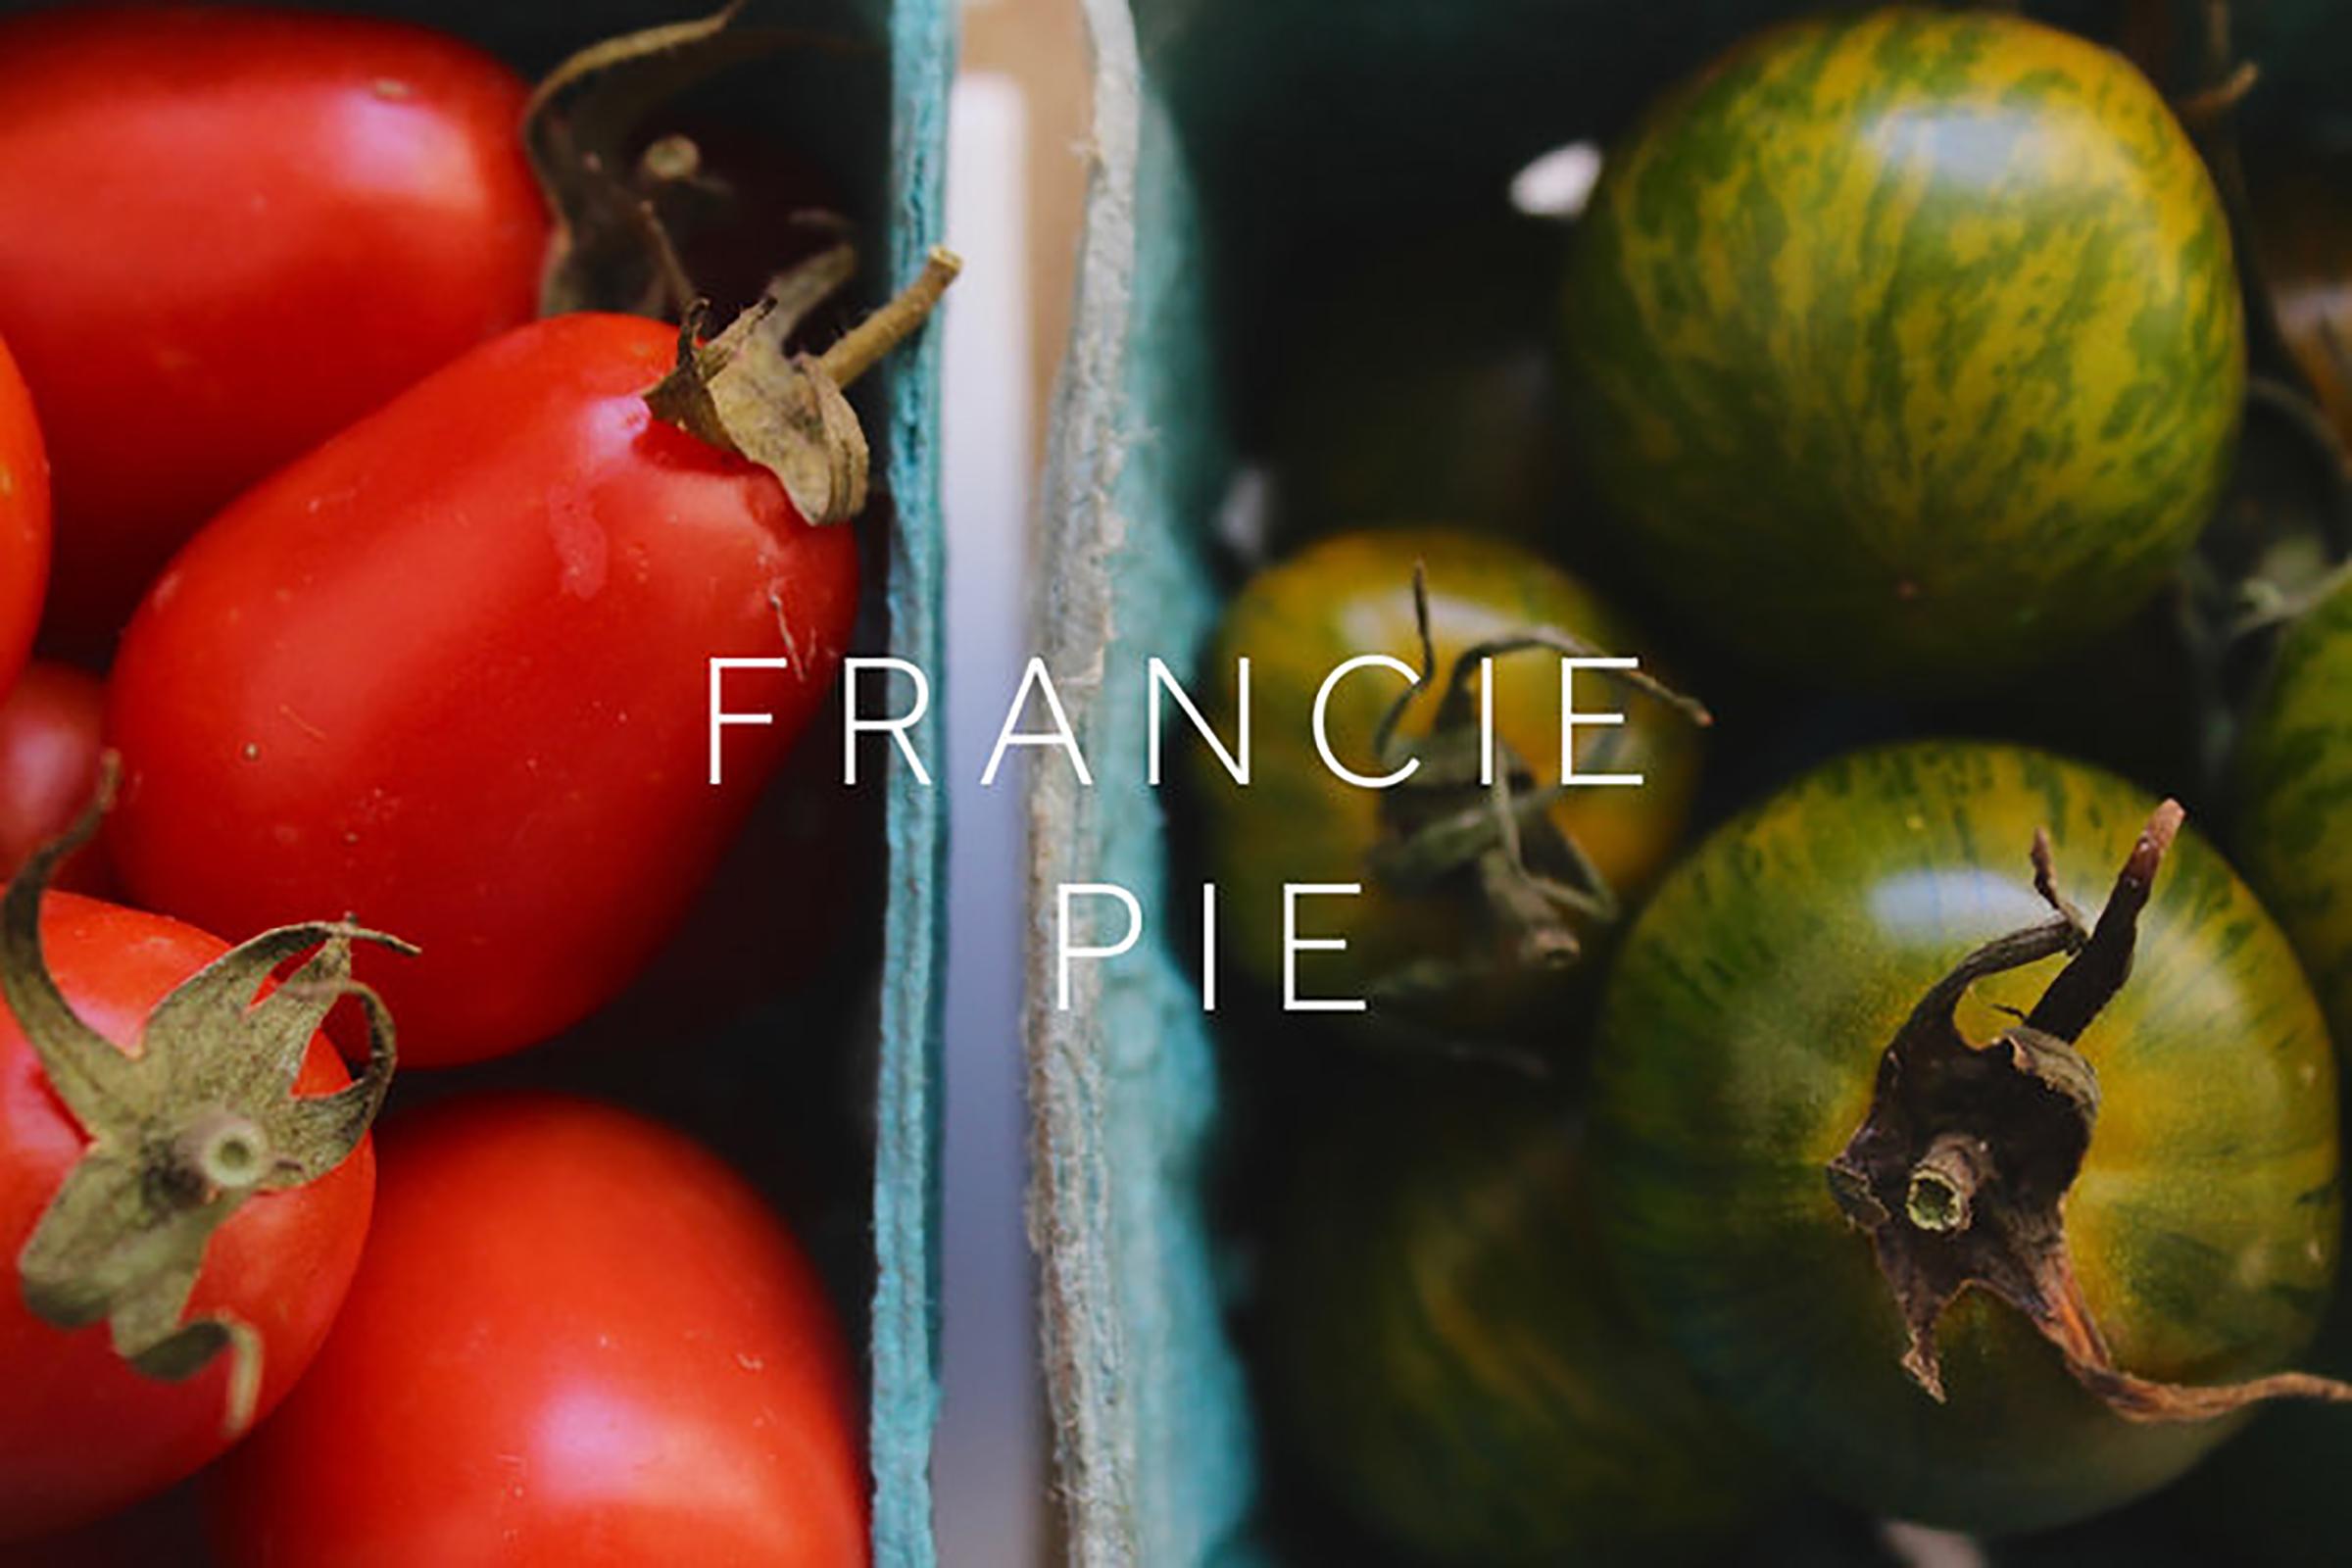 Francie Pie.jpg